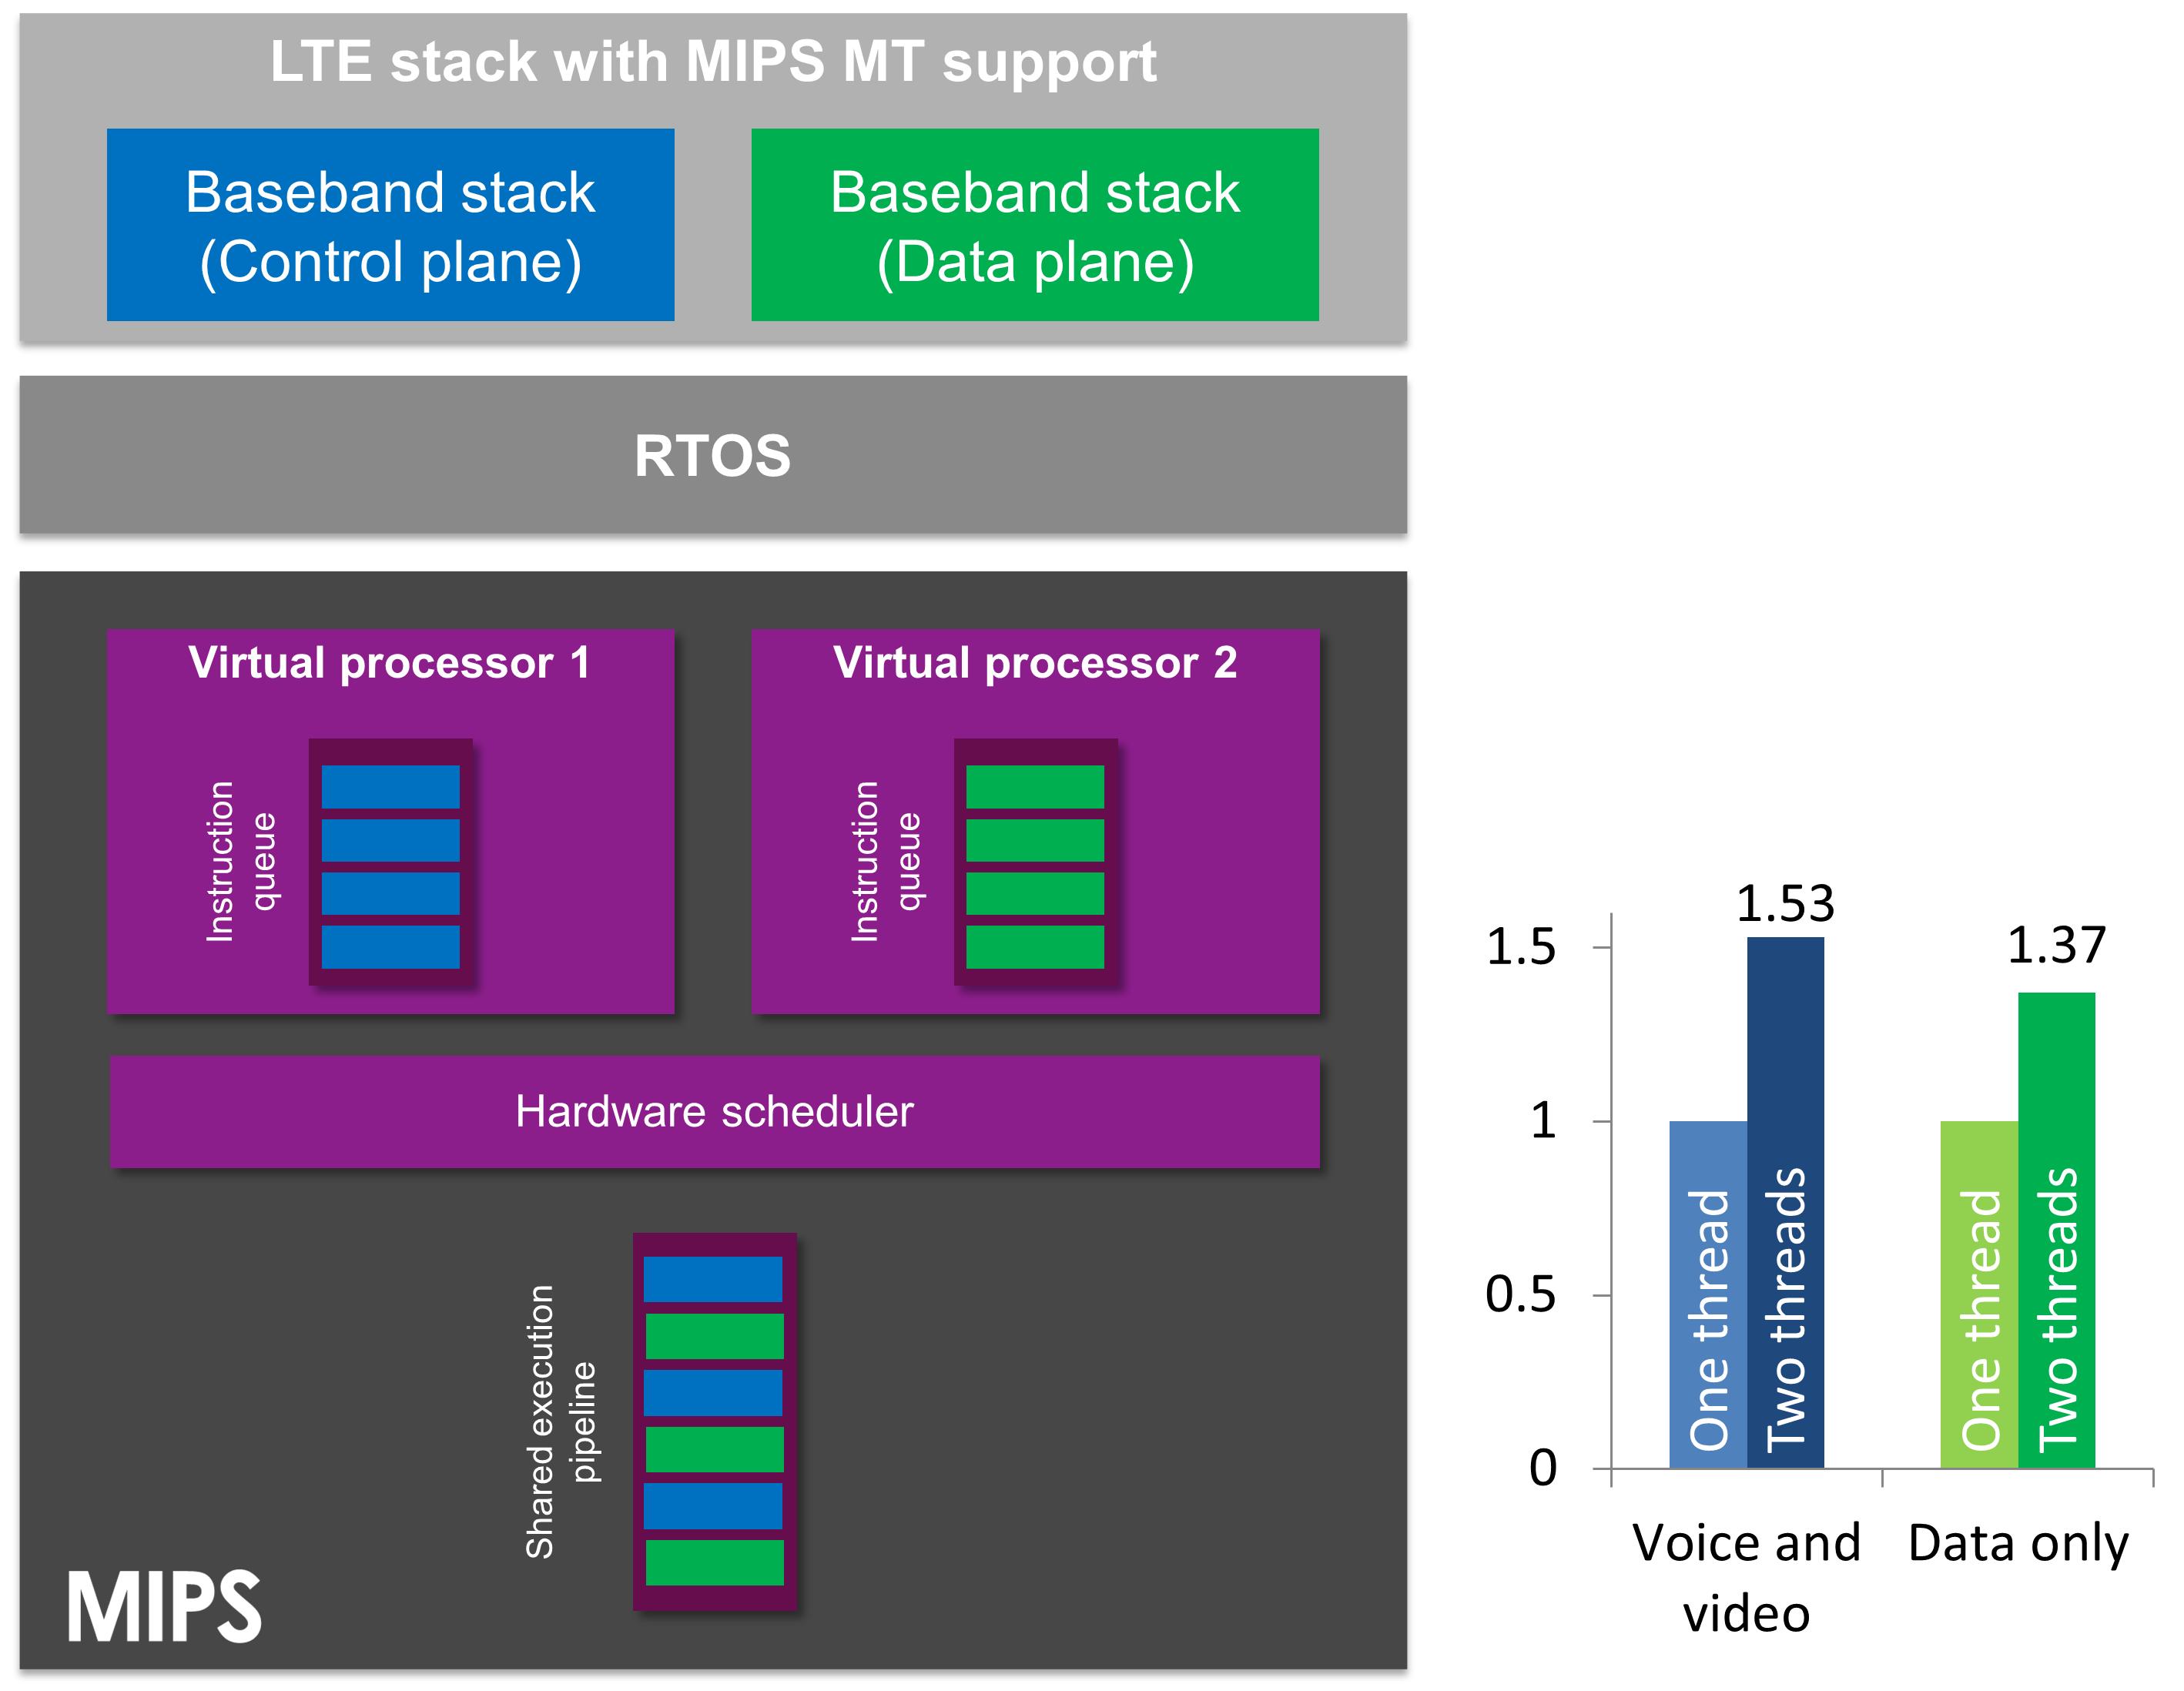 MIPS hardware multithreading - LTE baseband performance